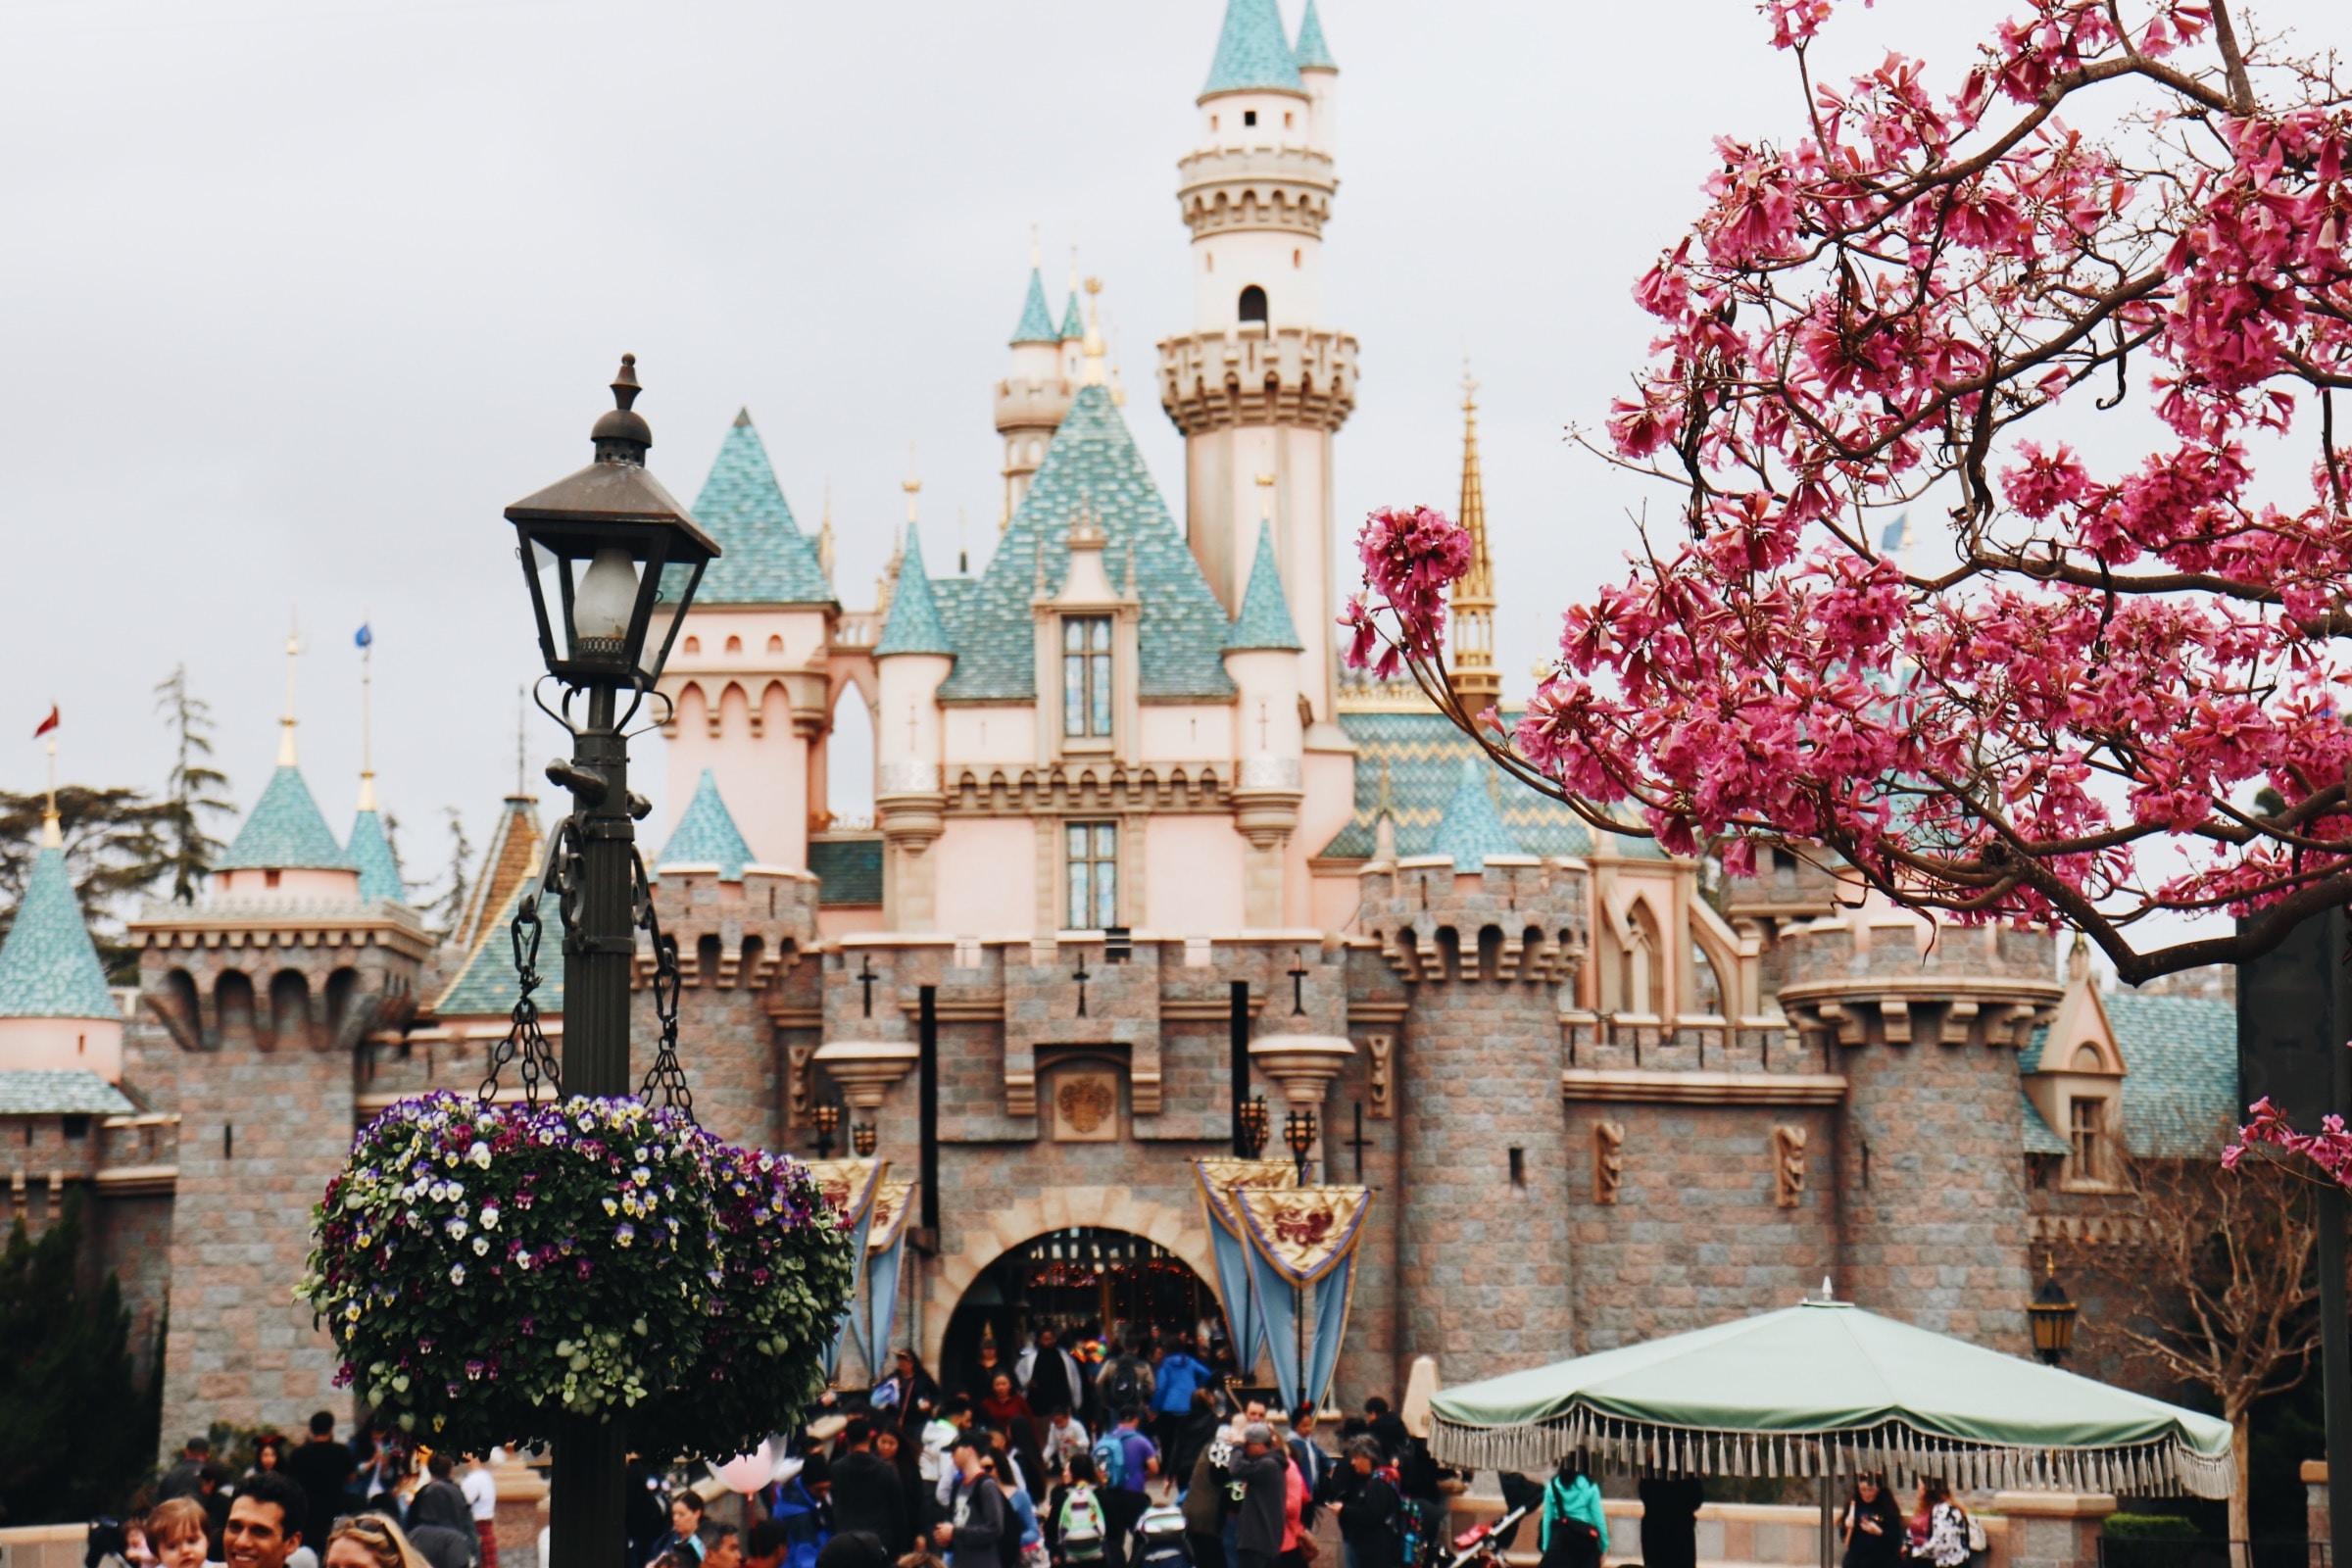 迪士尼樂園是大人小孩實現夢想的園地。/圖:Photo by Skylar Sahakian on Unsplash